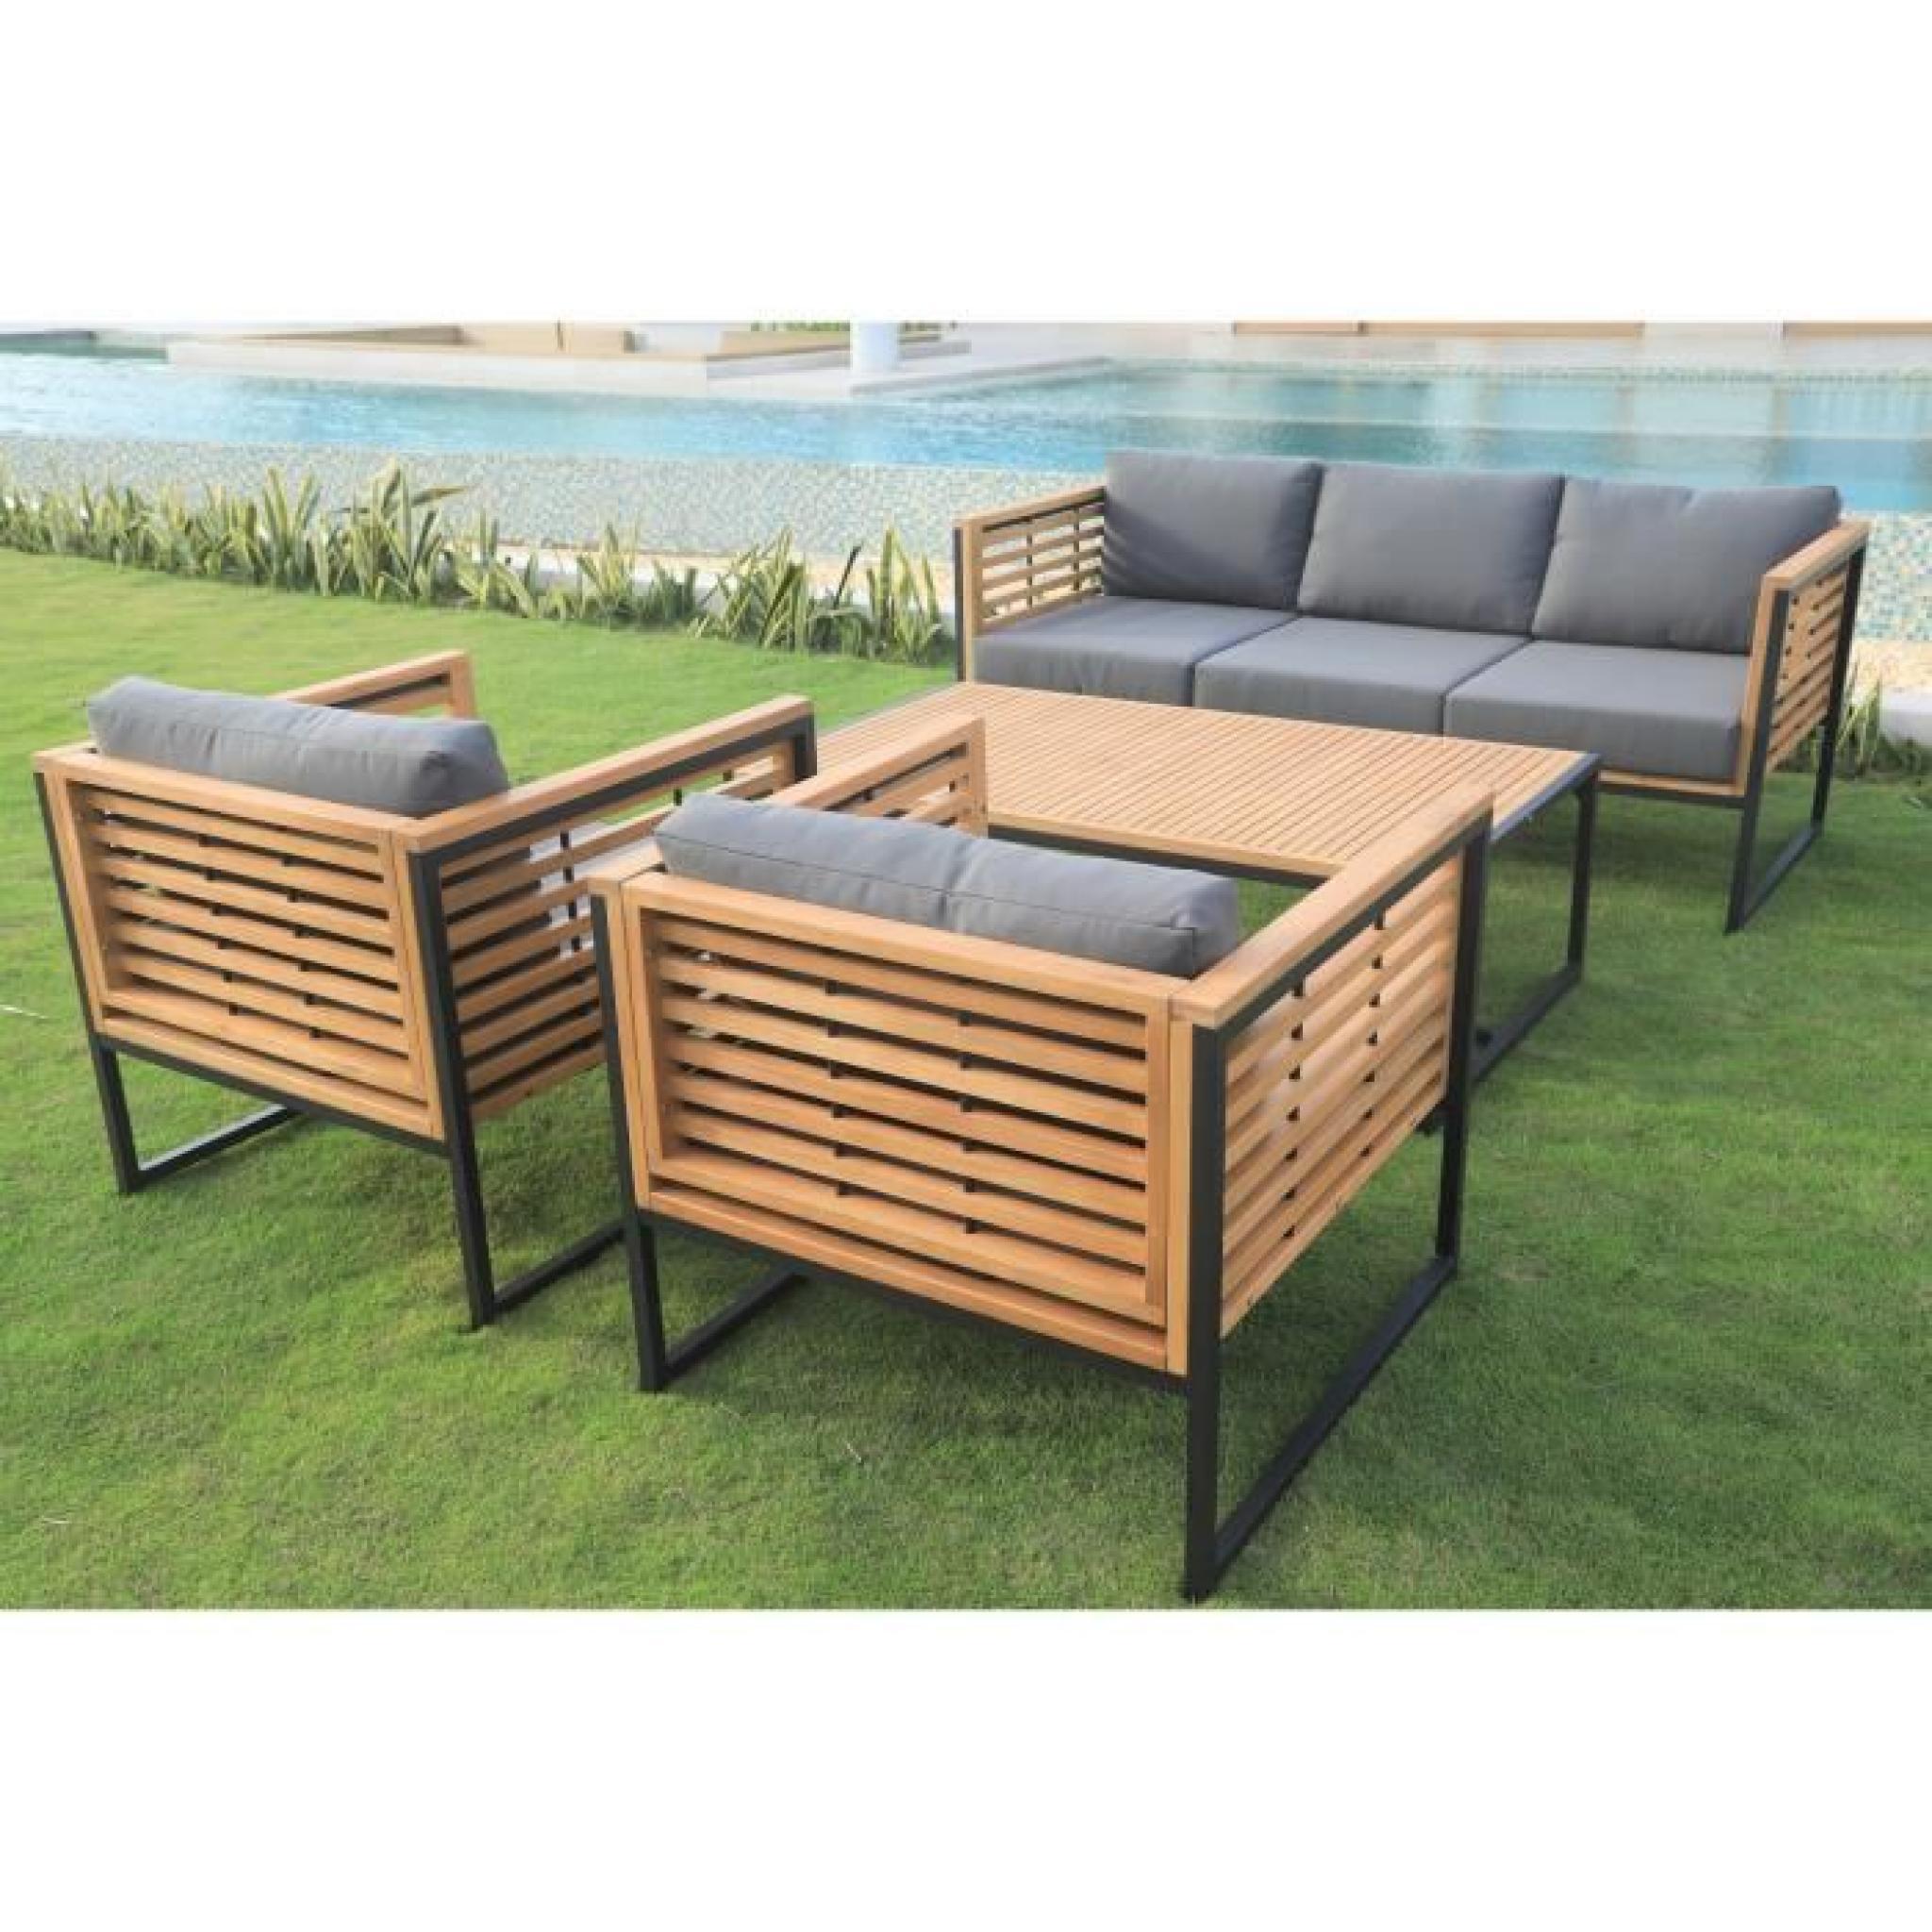 Salon de jardin 5 places en eucalyptus FSC et aluminium - Achat ...